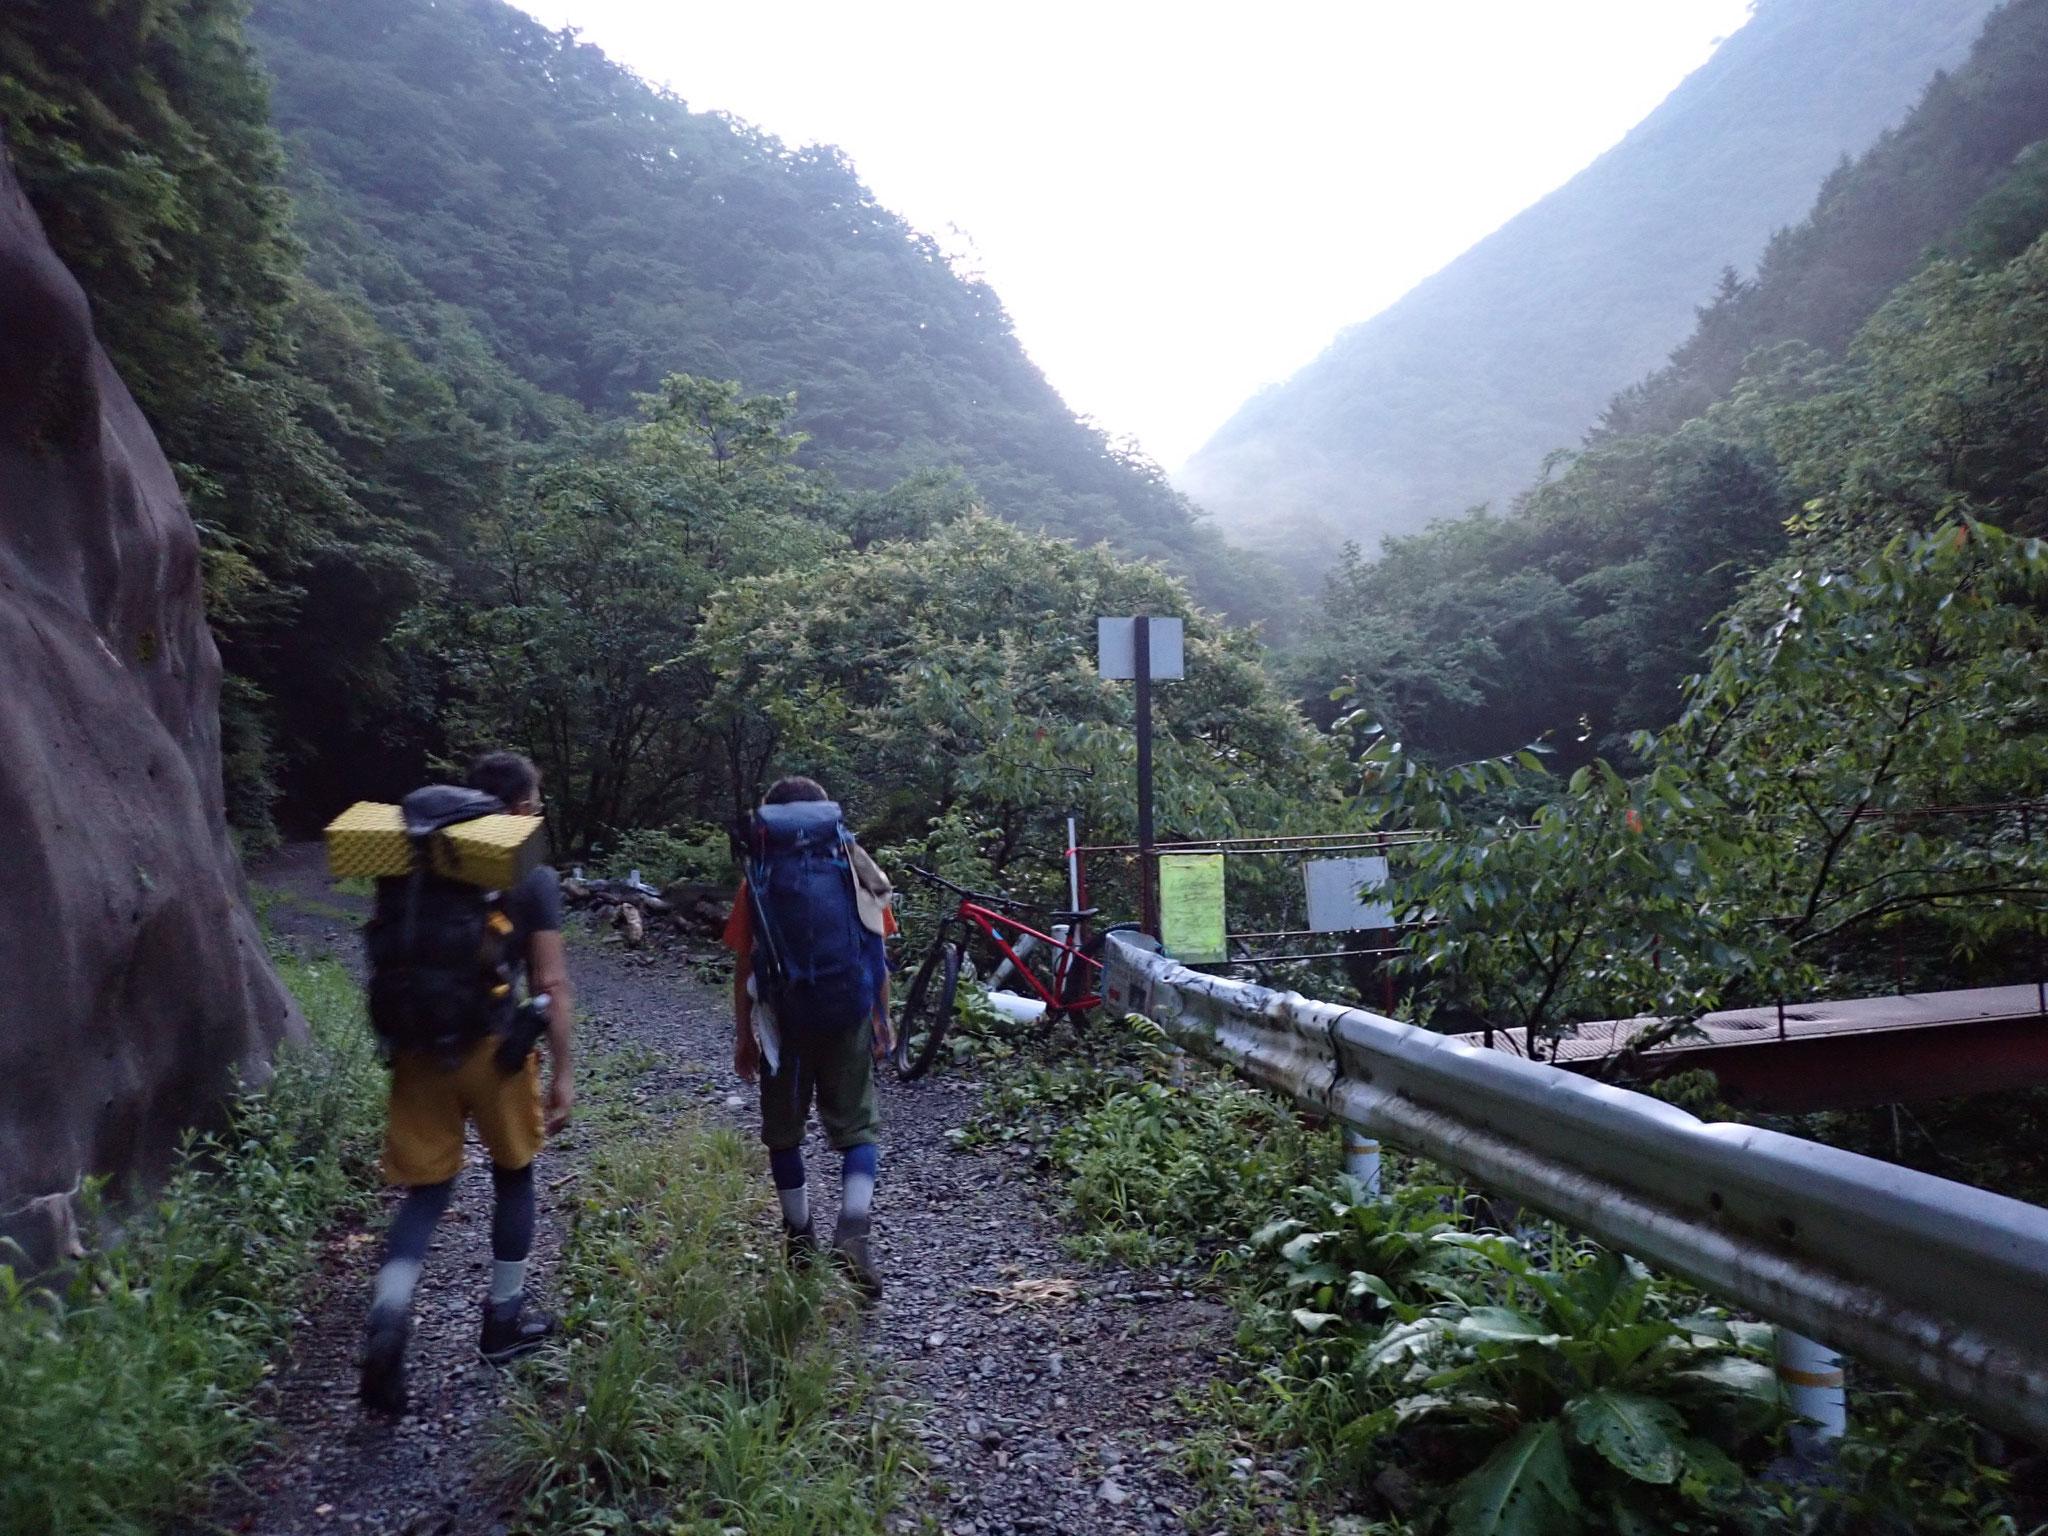 易老渡登山口、少し先に水が汲める沢がある、トイレは施錠